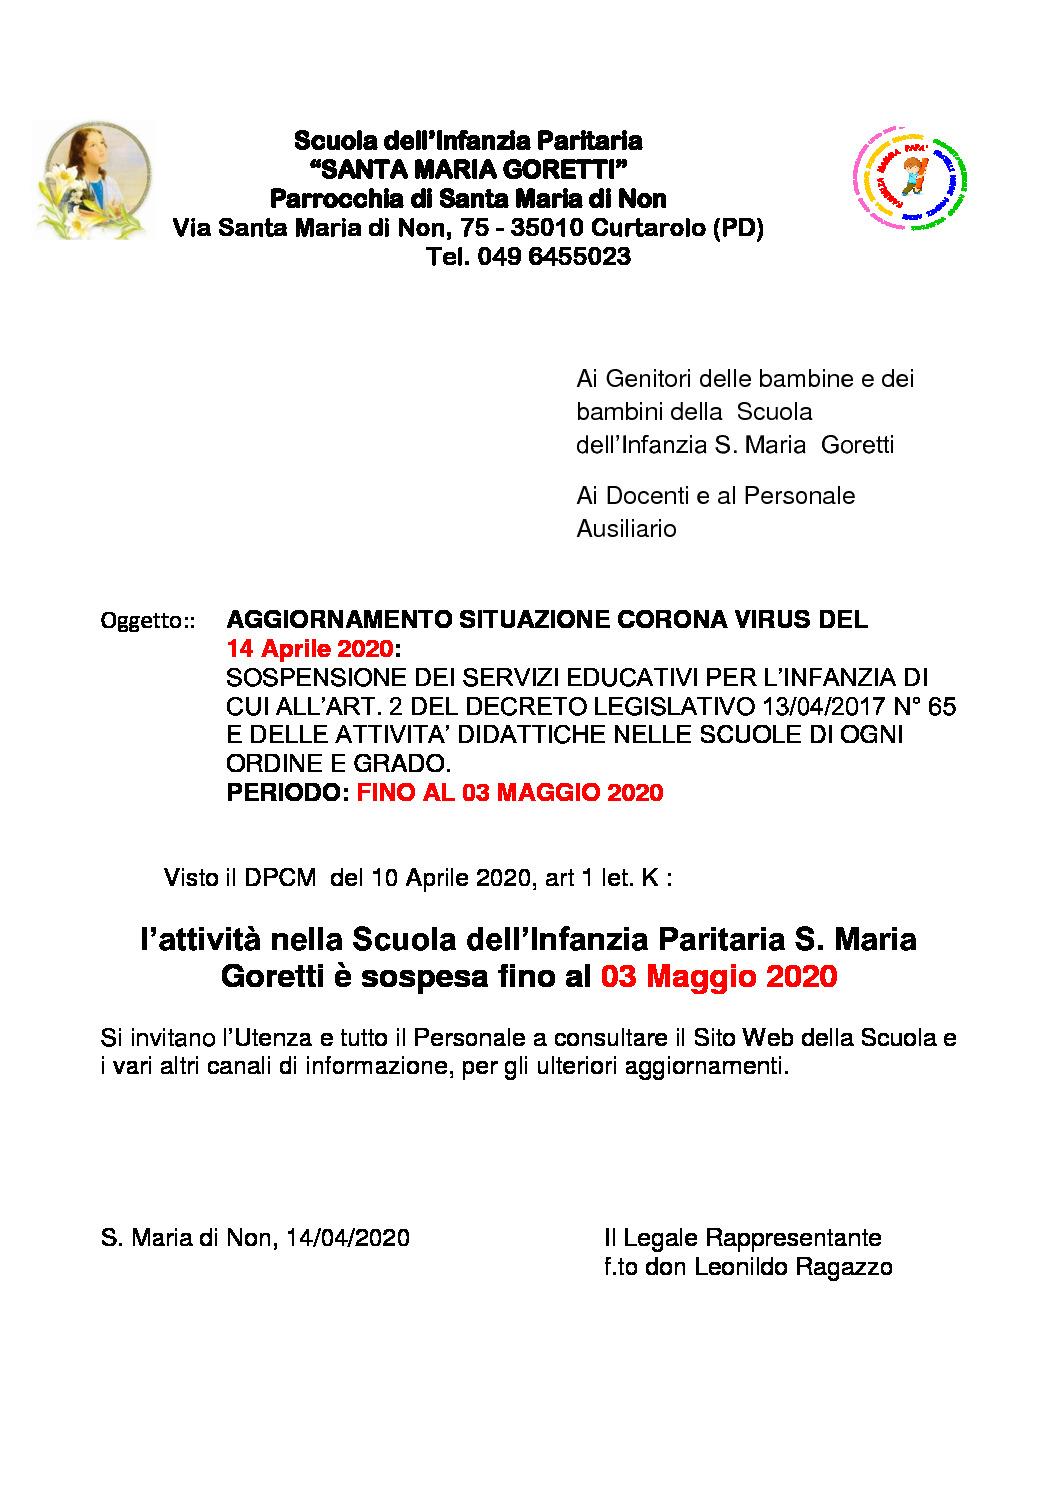 thumbnail of Aggiornamento Sospensione Attività didattiche fino al 03 Maggio 2020